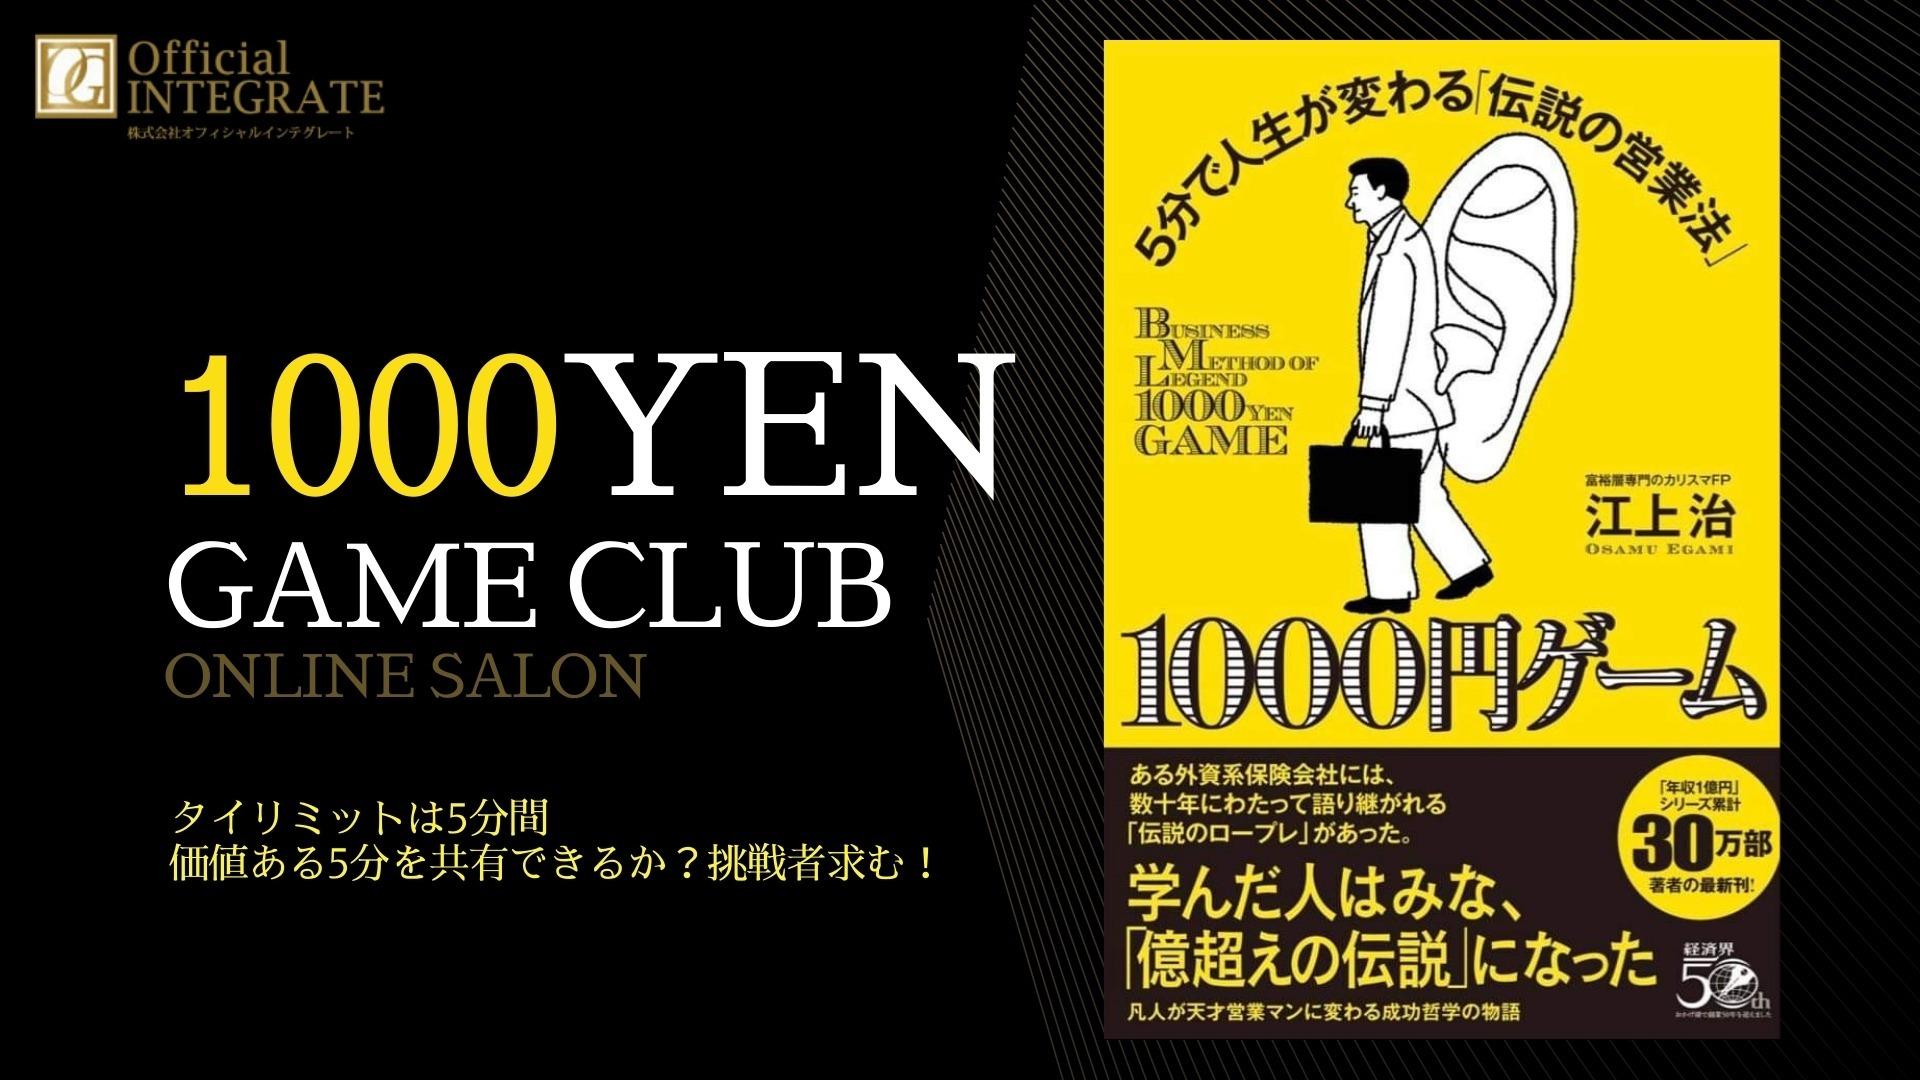 1000円ゲームオンラインサロン